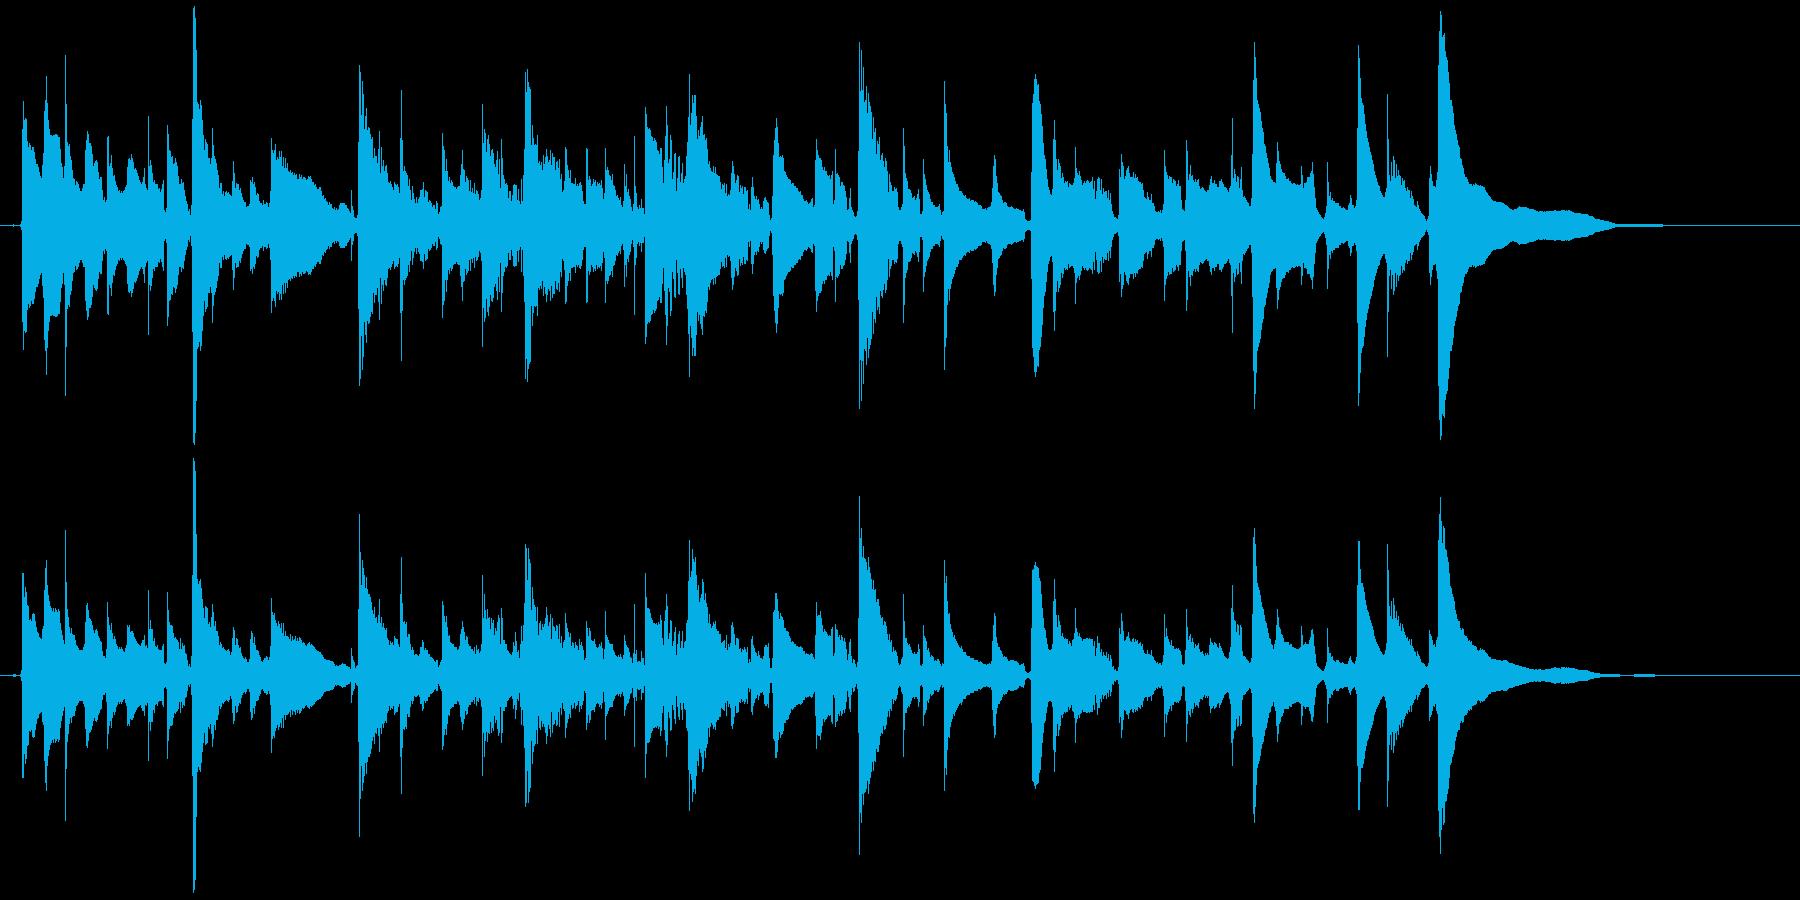 爽やかなアコギのソロ1 【アコギ生演奏】の再生済みの波形